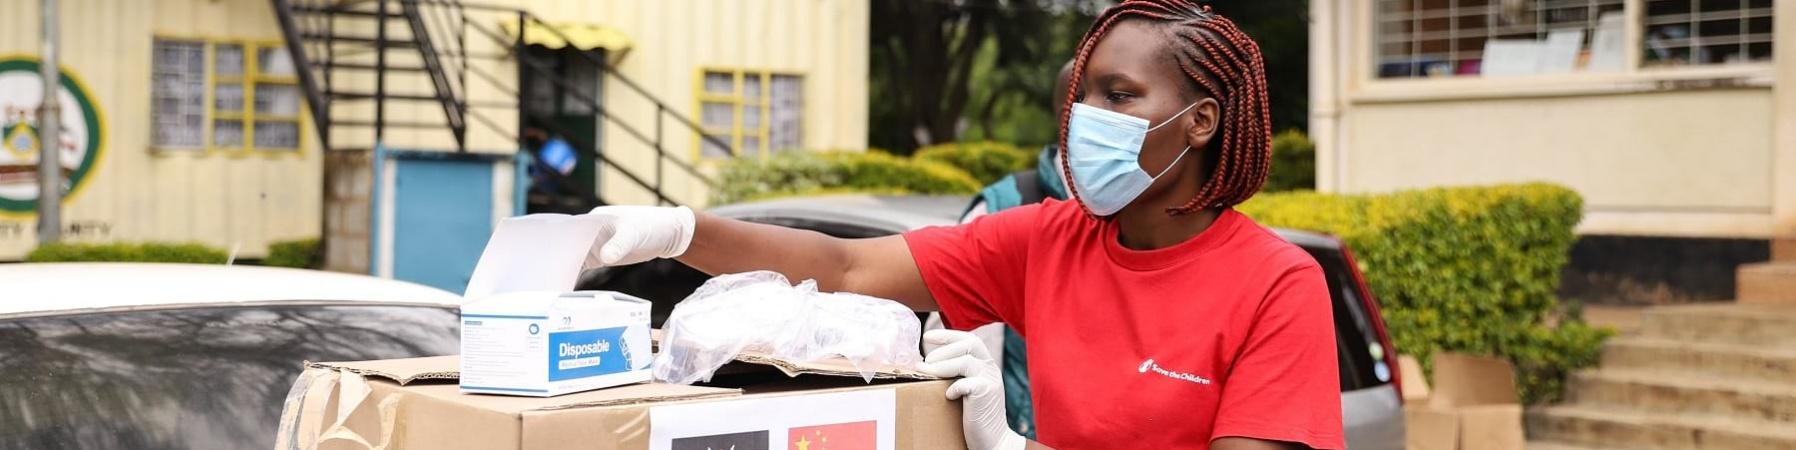 operatrice keniana di save the children con treccine e capelli rossi indossa la mascherina e sta in piedi di profilo per prendere alcuni oggetti da una scatola poggiata su un piano davanti a lei. La ragazza indossa la maglietta rossa di Save the Children